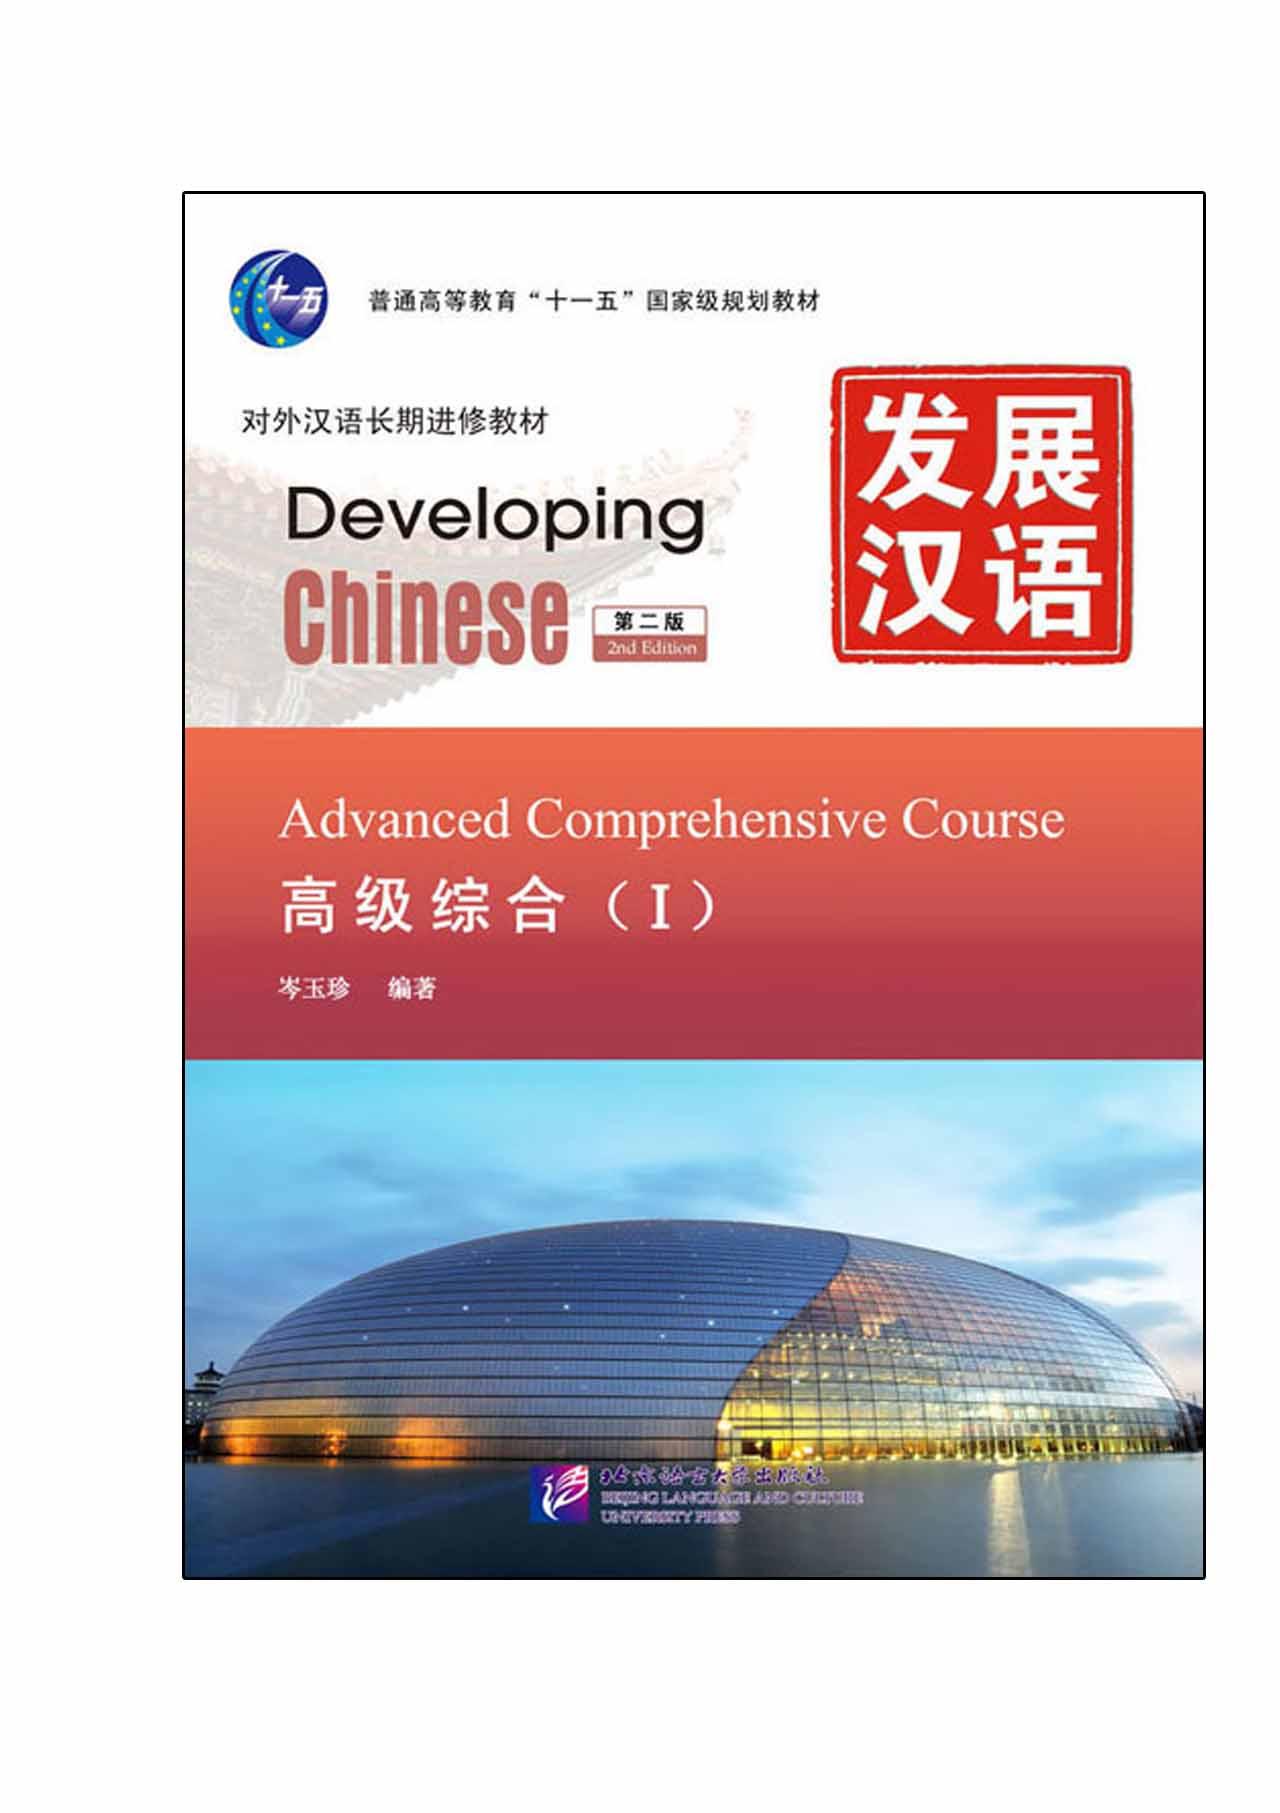 发展汉语(第2版)高级综合(Ⅰ)(含1MP3)Developing Chinese (2nd Edition) Advanced Comprehensive Course I+MP3